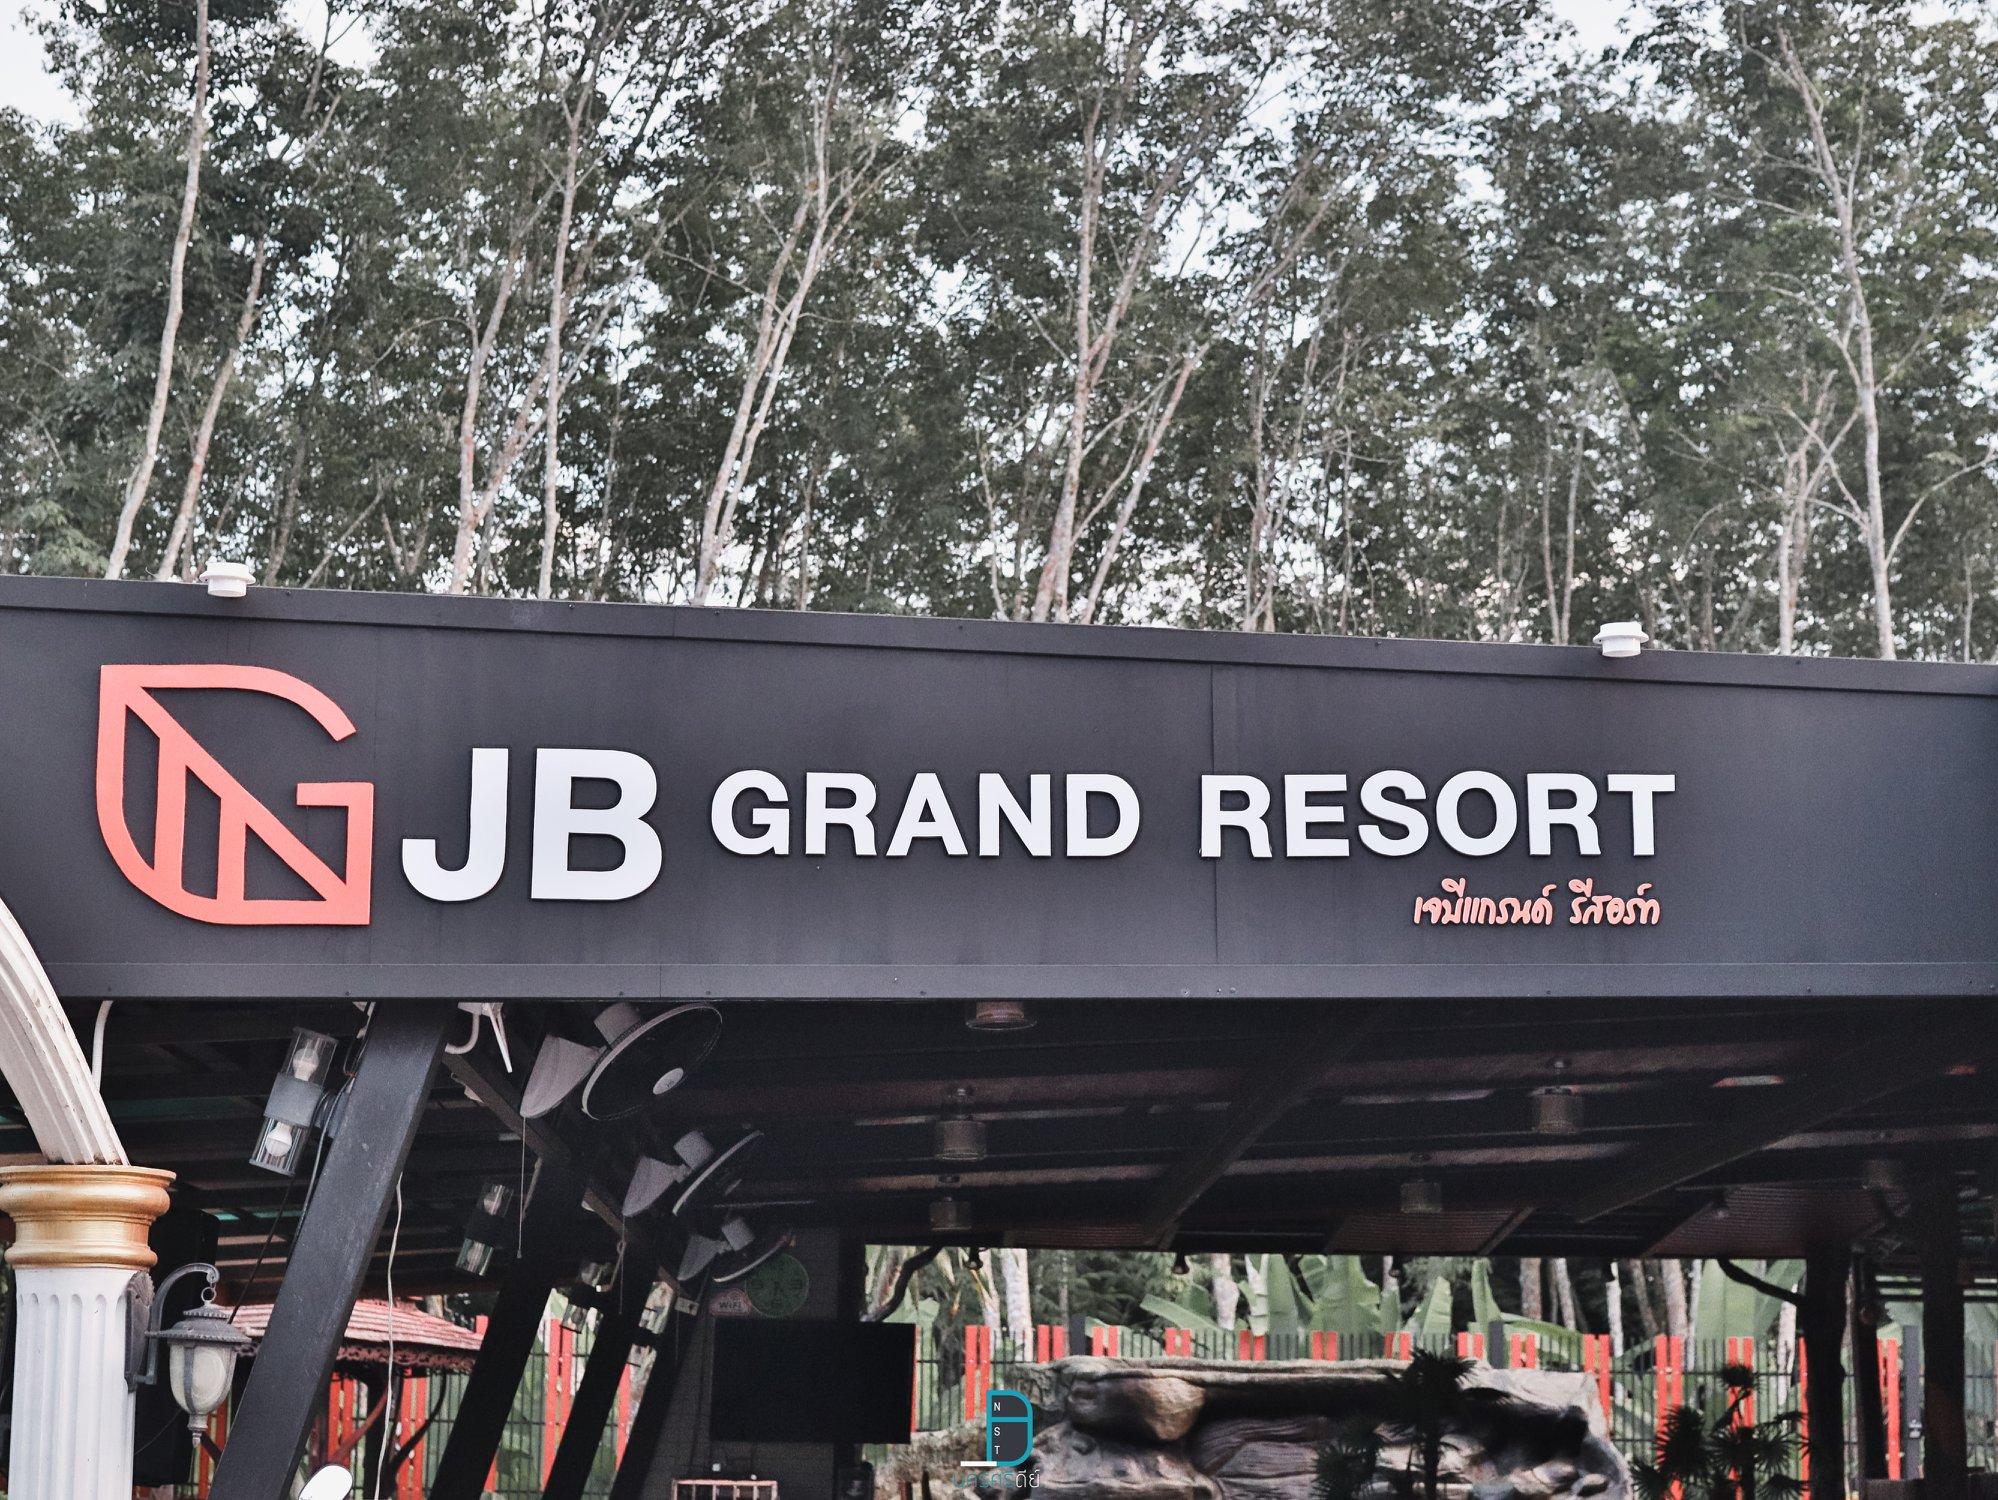 เริ่มกันเลยกับจุดแรก-เราเดินทางมายังที่พัก-ชื่อว่า-JB-Grand-Resort-เจบีแกรนด์-รีสอร์ท-โรงแรมเปิดใหม่ล่าสุดของช้างกลางมีที่พักมากมายรองรับทั้งแบบห้องพักเดี่ยว-ห้องพักเป็นหมู่คณะ-สามารถรองรับได้มากสุดถึงกว่า-20-คนกันเลยทีเดียว ที่พัก,ช้างกลาง,คาเฟ่,ของกิน,ทริปเที่ยว,ฉวาง,อร่อย,ทะเลหมอก,ธรรมชาติ,น้ำตก